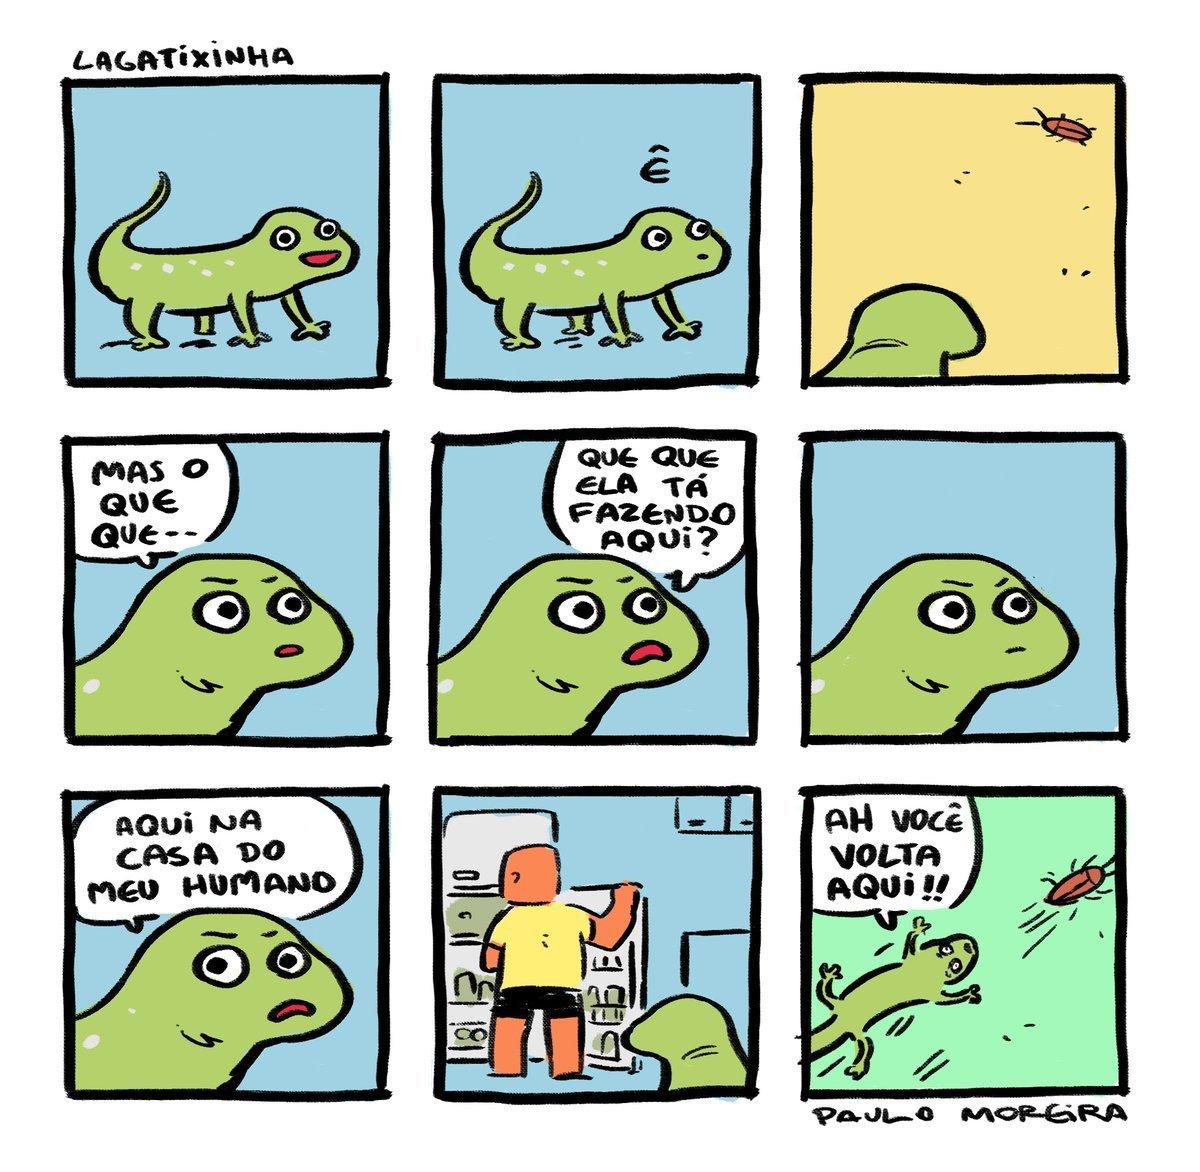 Diga não aos mals tratos as lagartixas - meme